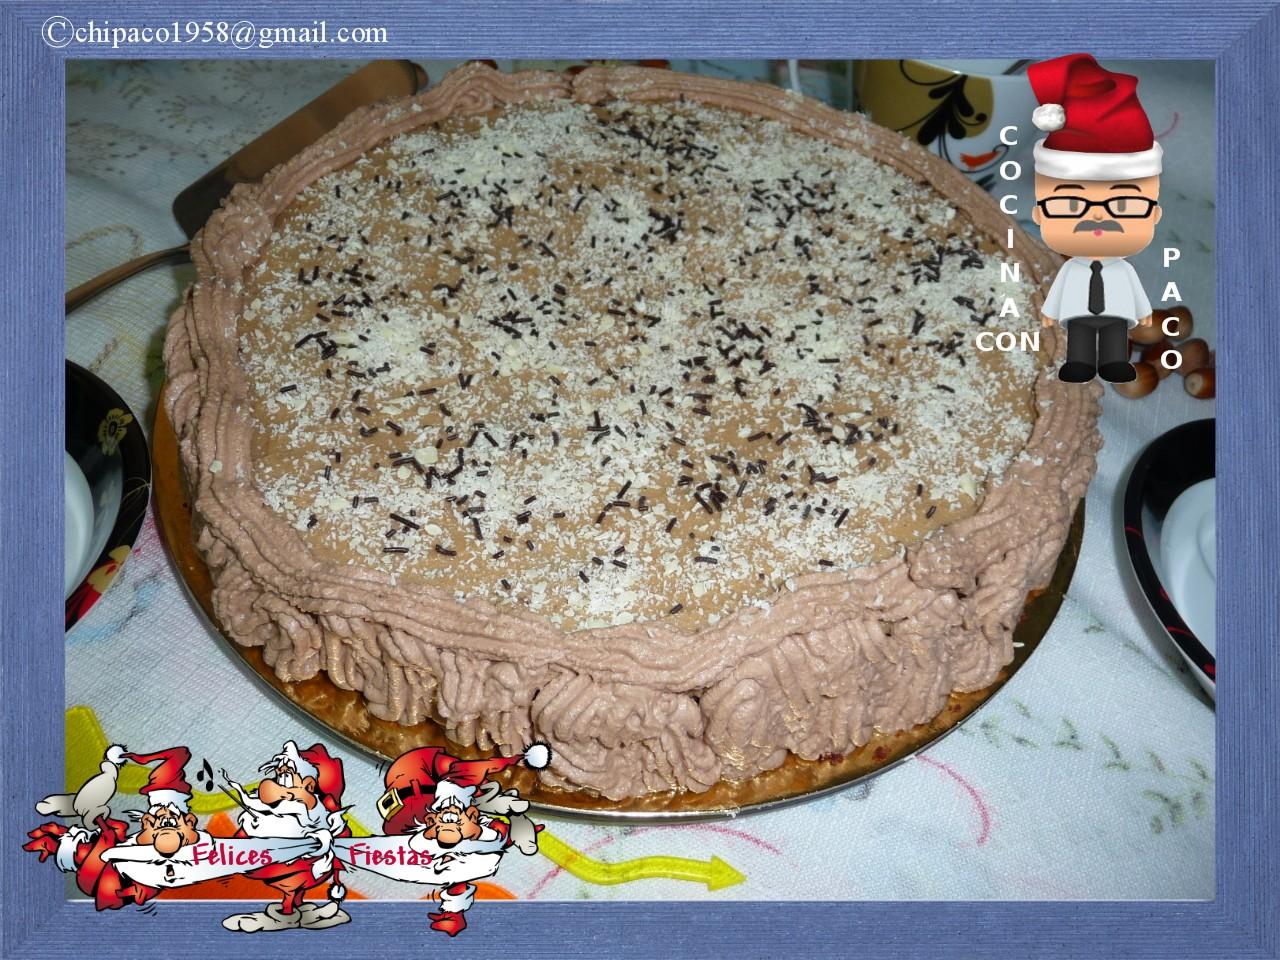 Cocina con paco tarta de chocolate y moca - Cocina con paco ...